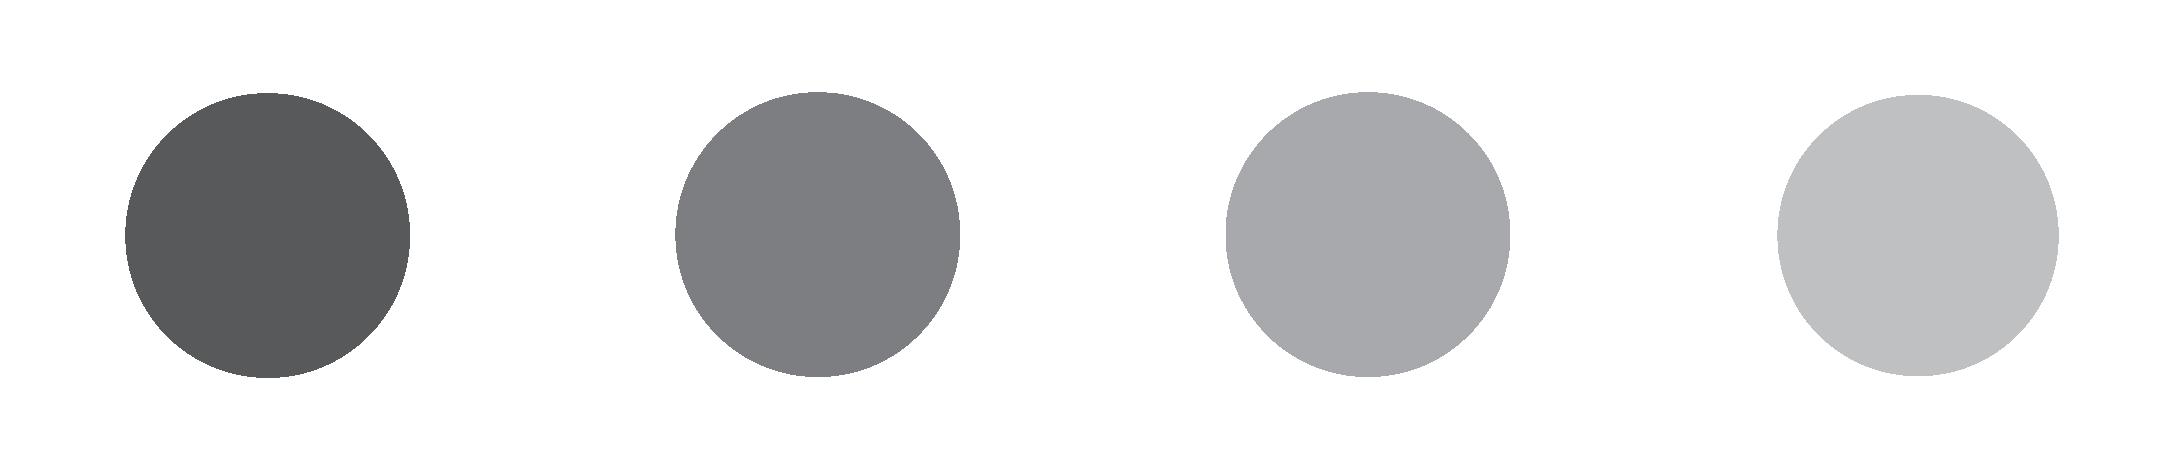 Greys2-02-02.png